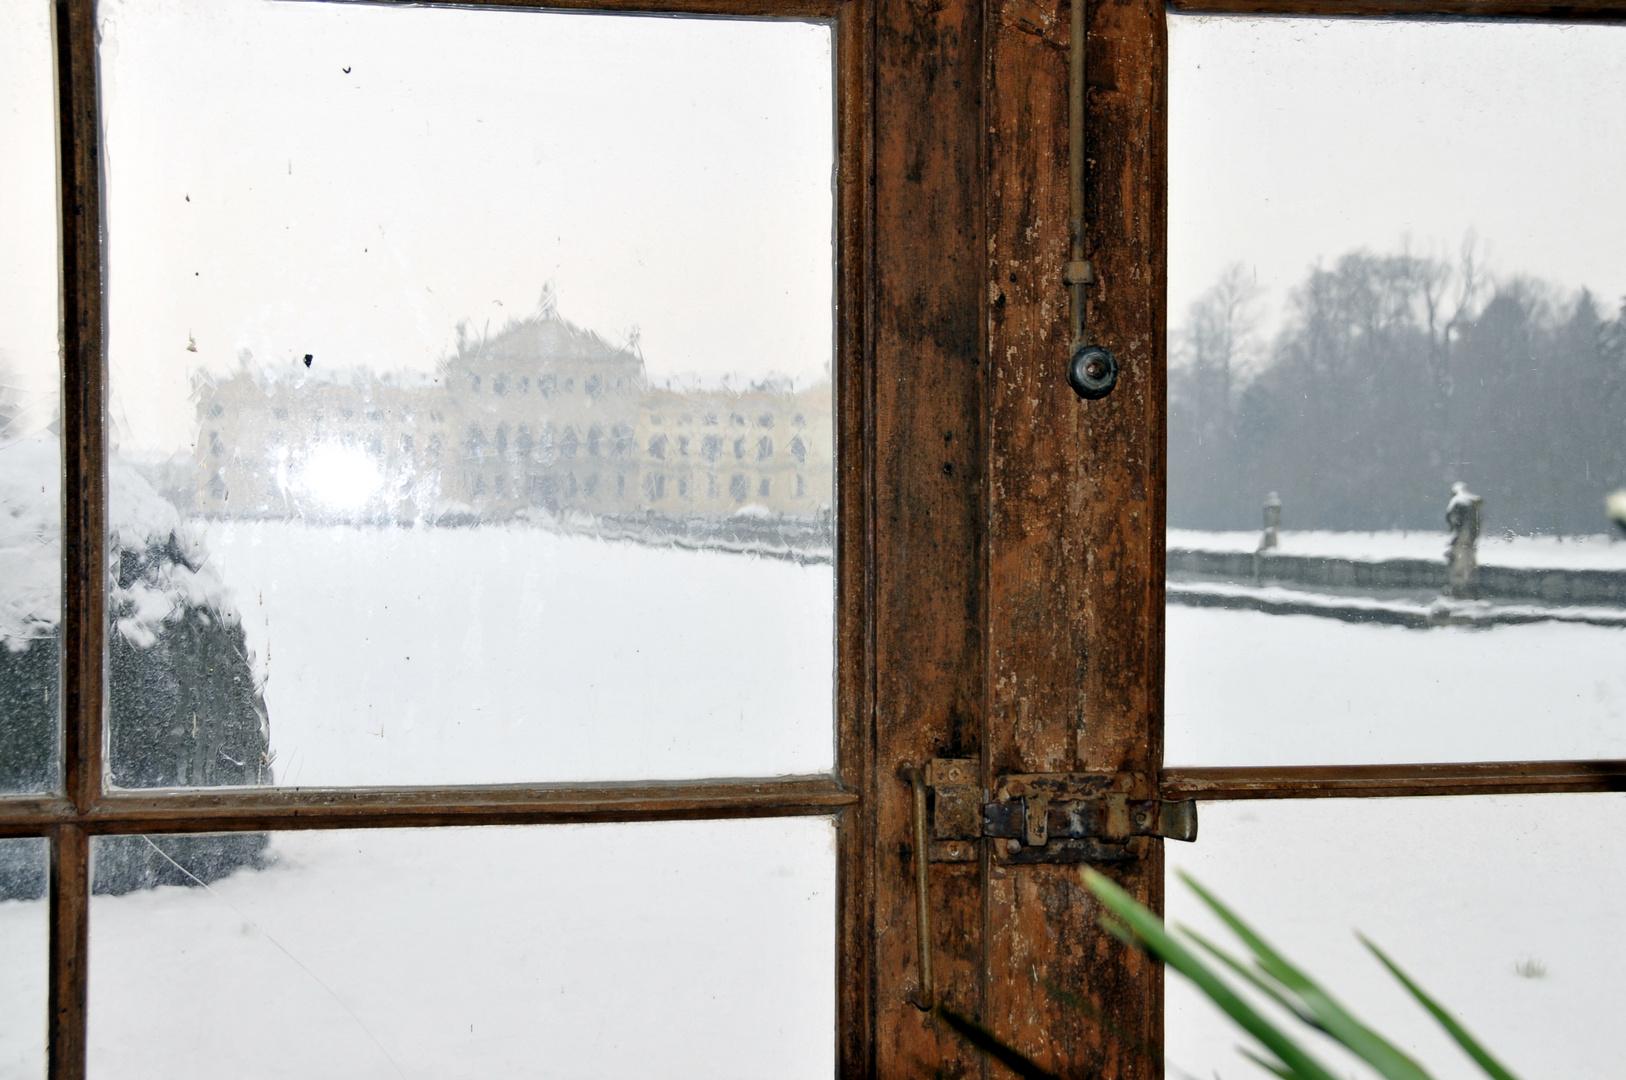 Interni Di Villa Pisani : Interno esterno di villa pisani stra ve foto % immagini